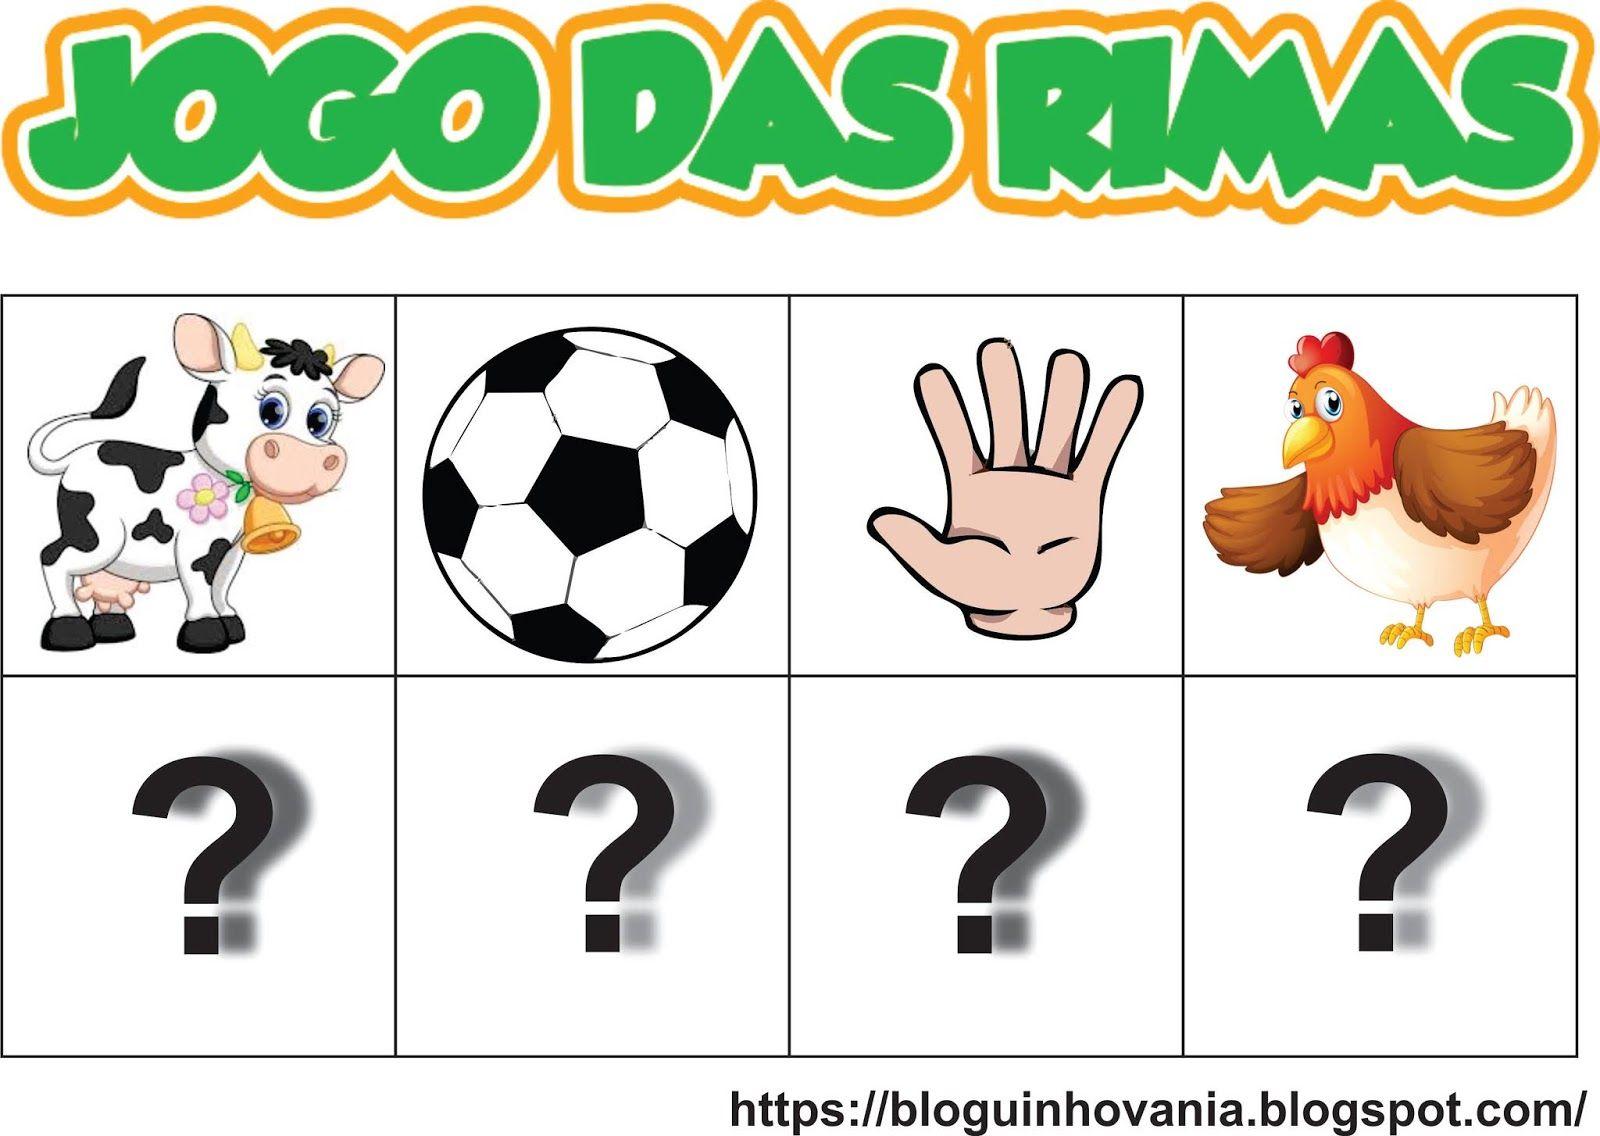 Bloguinho Da Vania Jogo Das Rimas Rimas Infantis Alfabetizacao Online Rimas